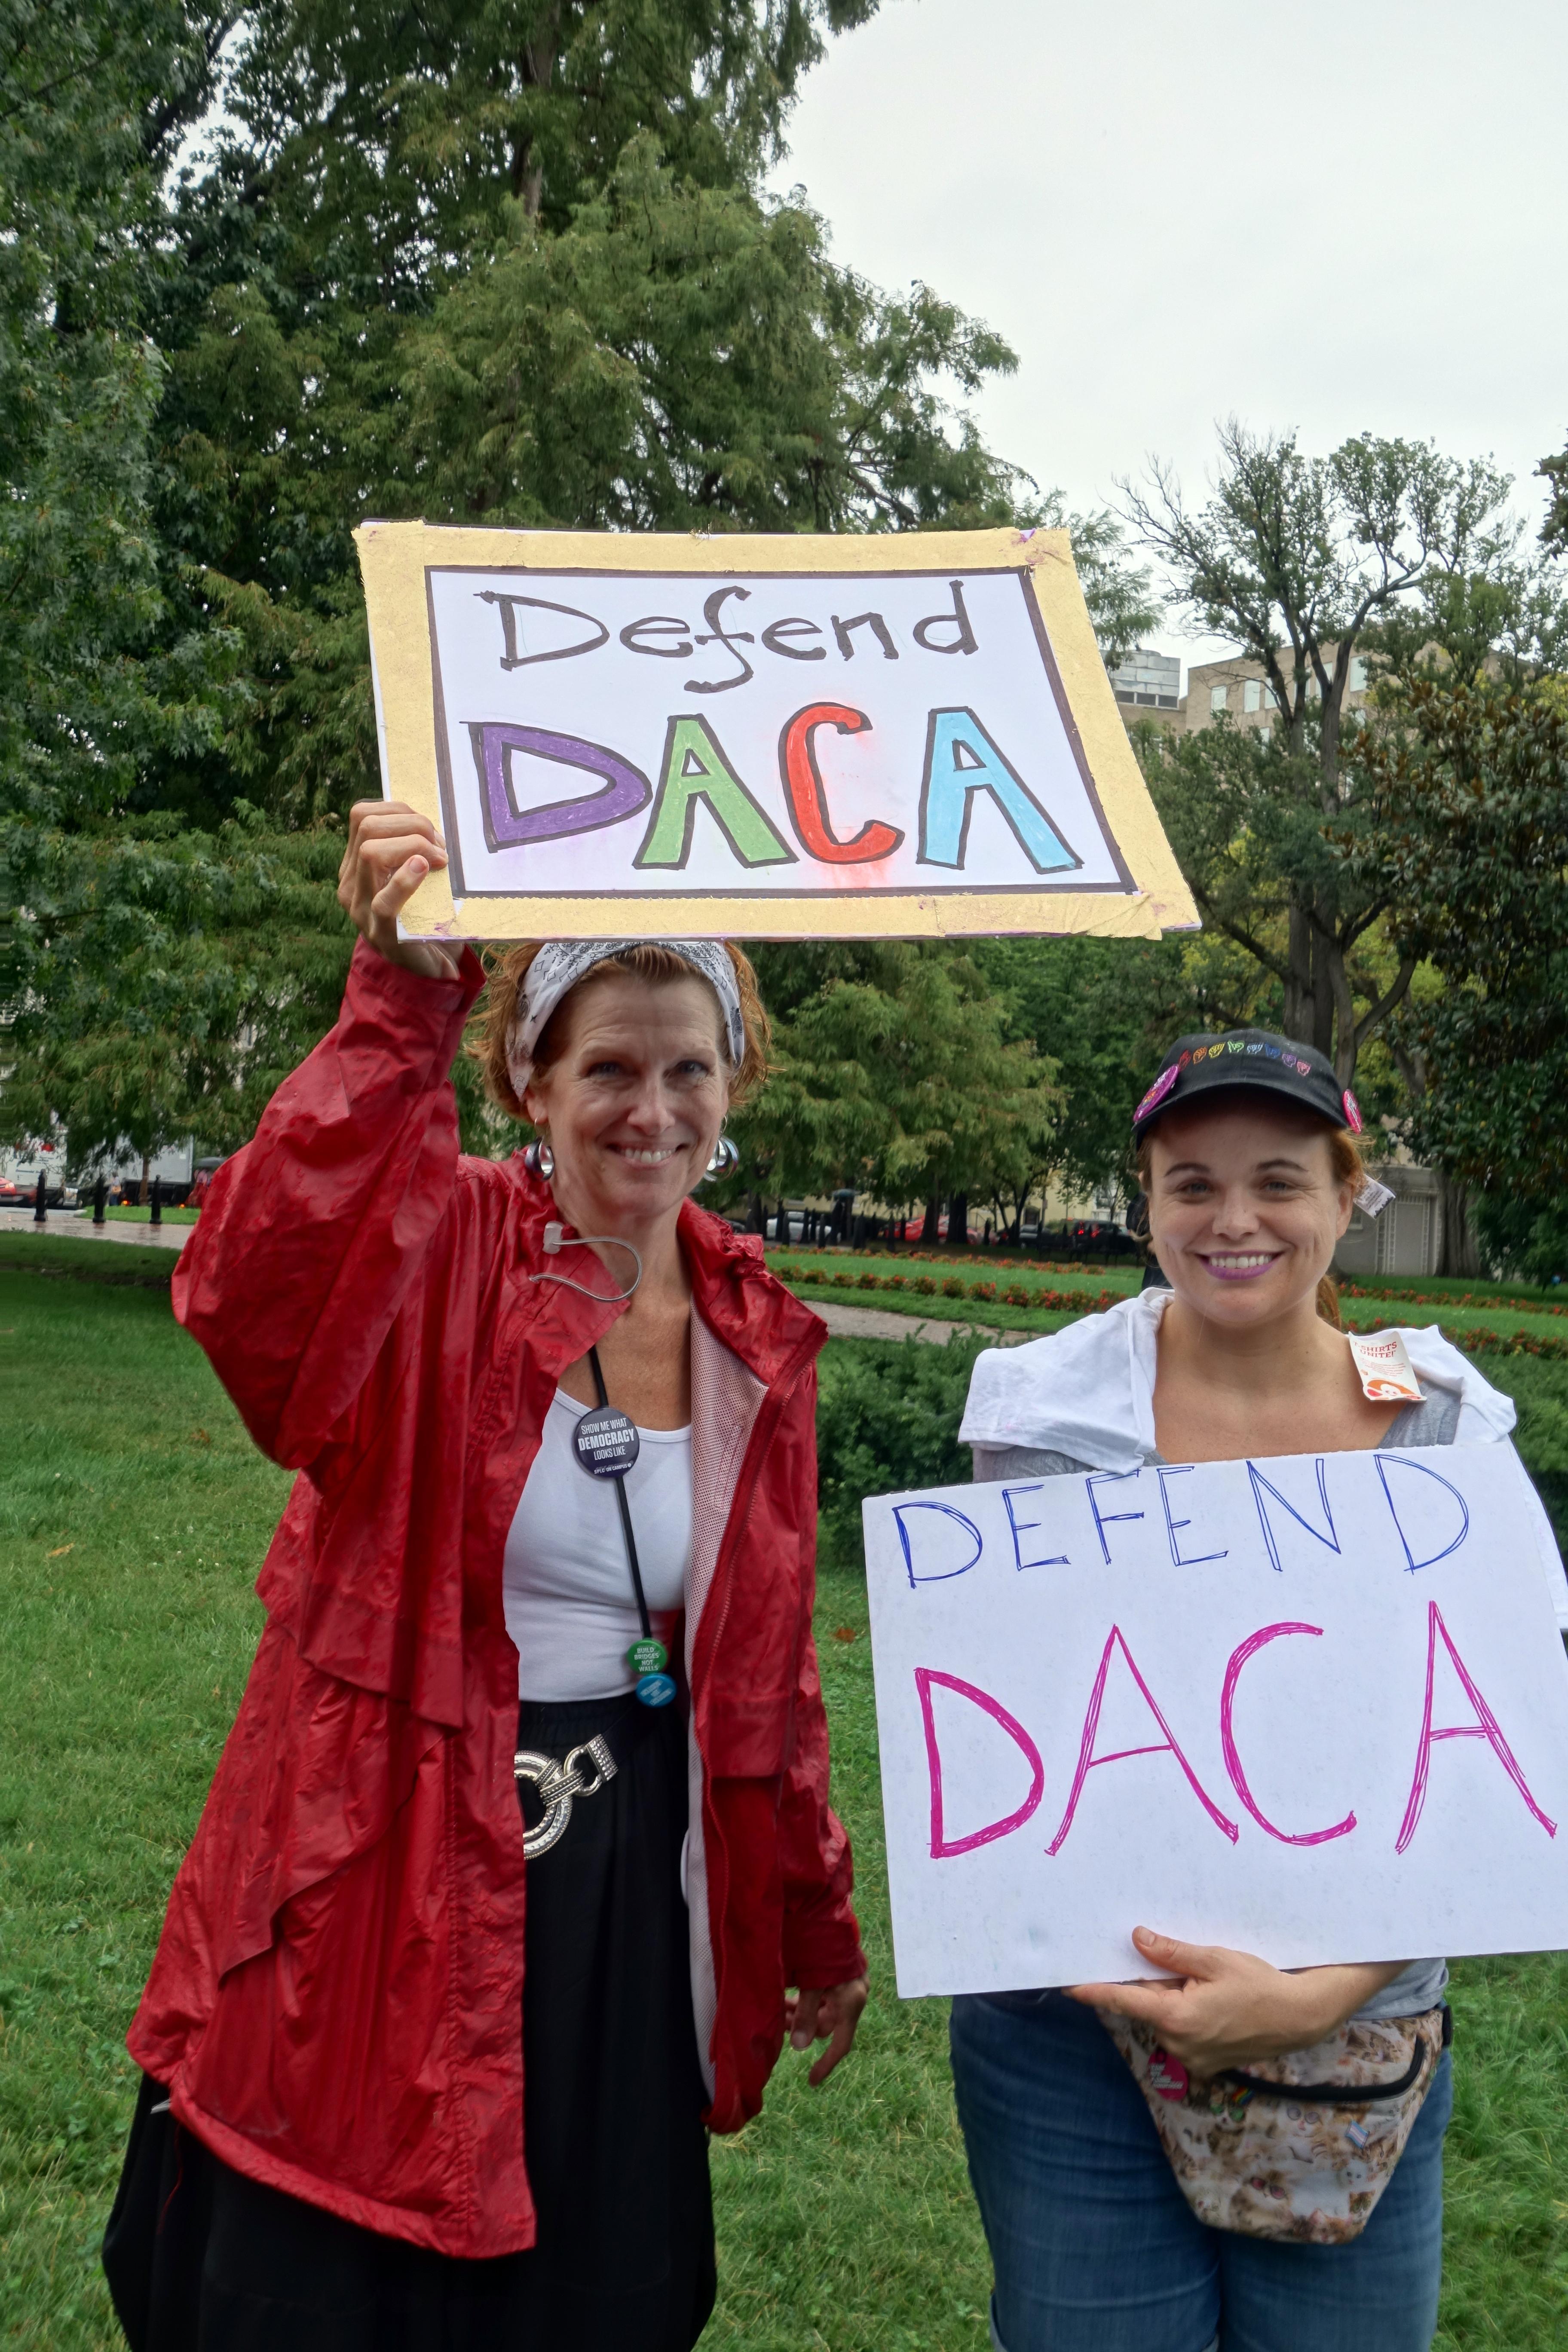 Manifestantes en la protestas de Washington, DC, demandan también proteger DACA.